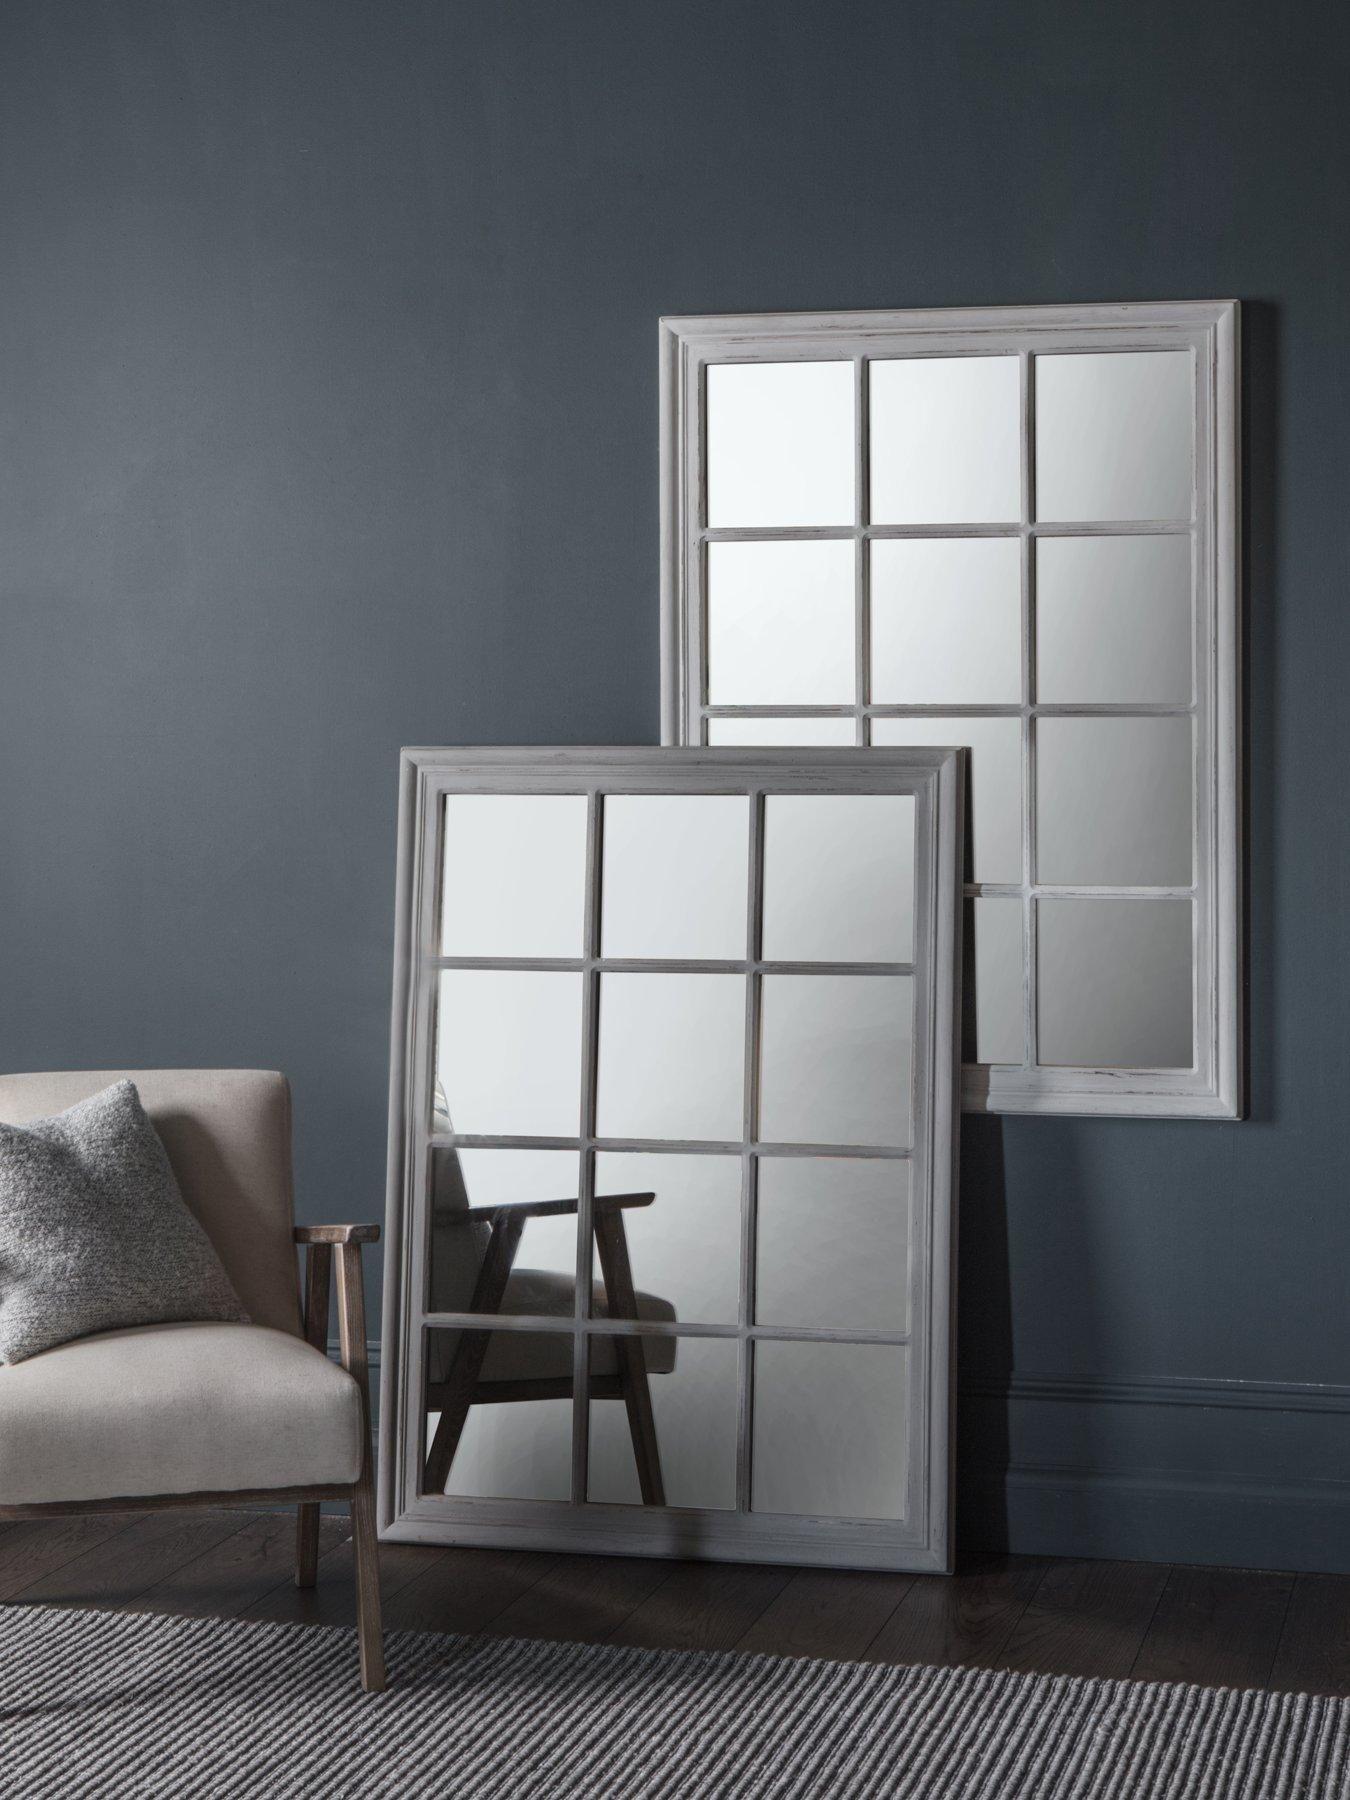 Gallery Costner Mirror in 2020 Window mirror, Living